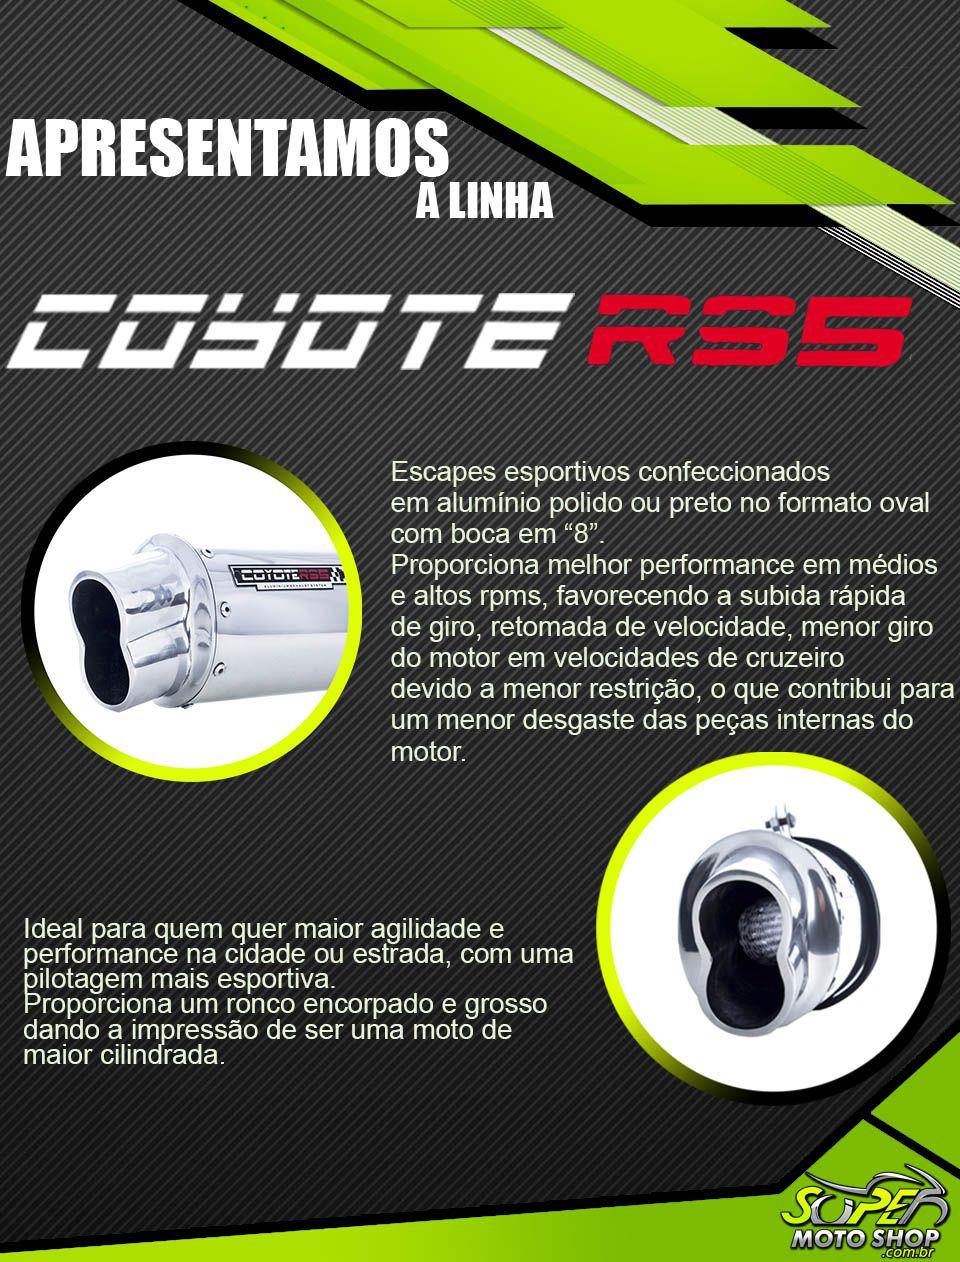 Escape / Ponteira Coyote RS5 Boca 8 Aluminio Oval - Fazer 250 2009 até 2015 ( com Sonda ) - Yamaha